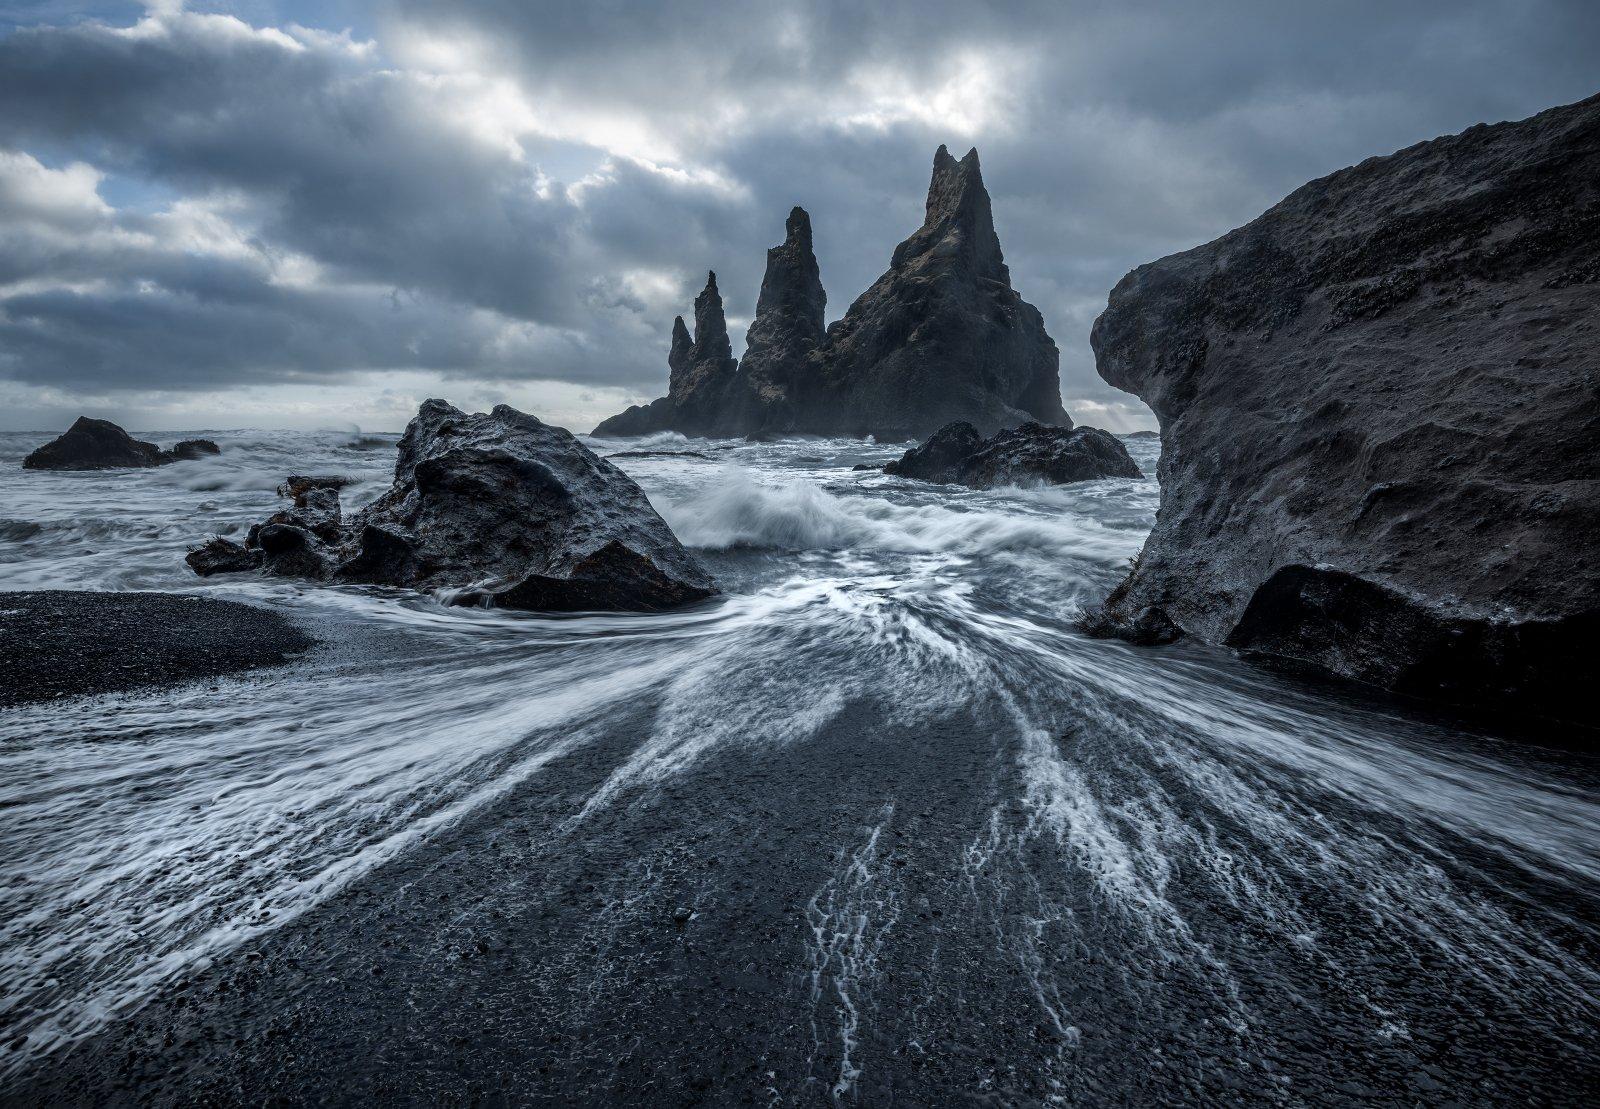 пейзаж, исландия, пляж, скалы, Вадим Балакин